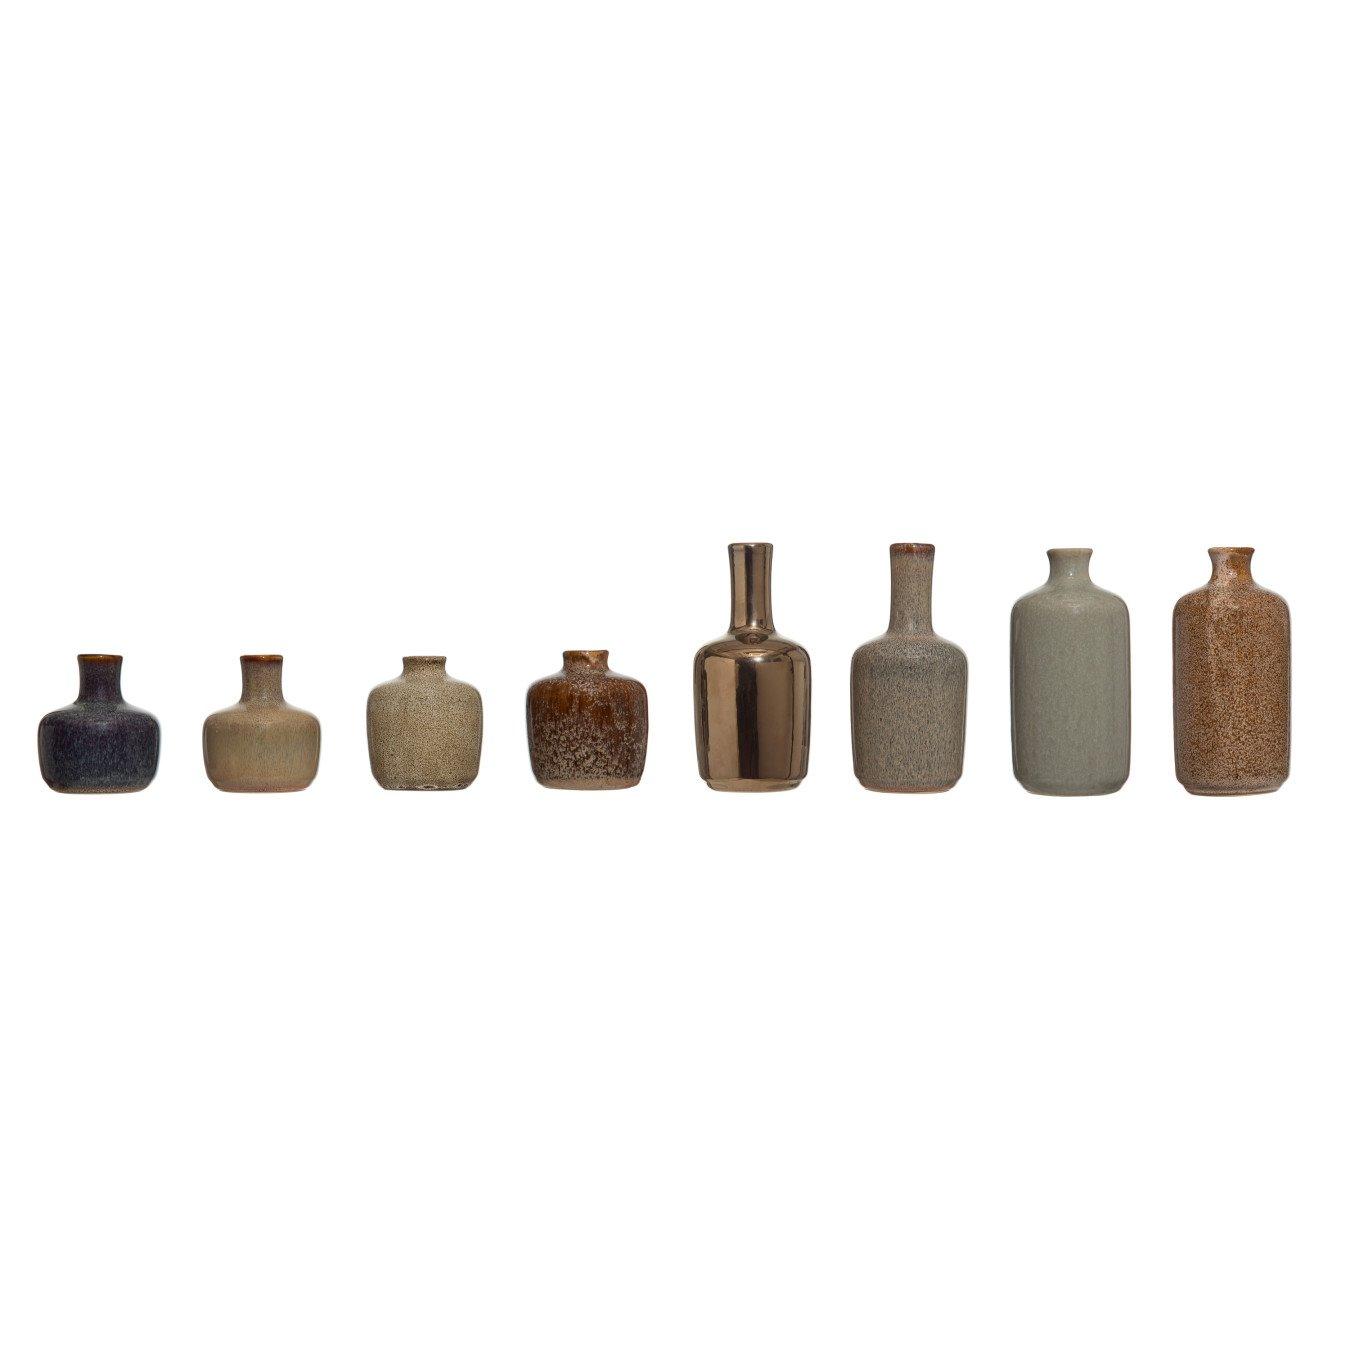 Stoneware Vases with Reactive Glaze Finish (Set of 8 Styles)